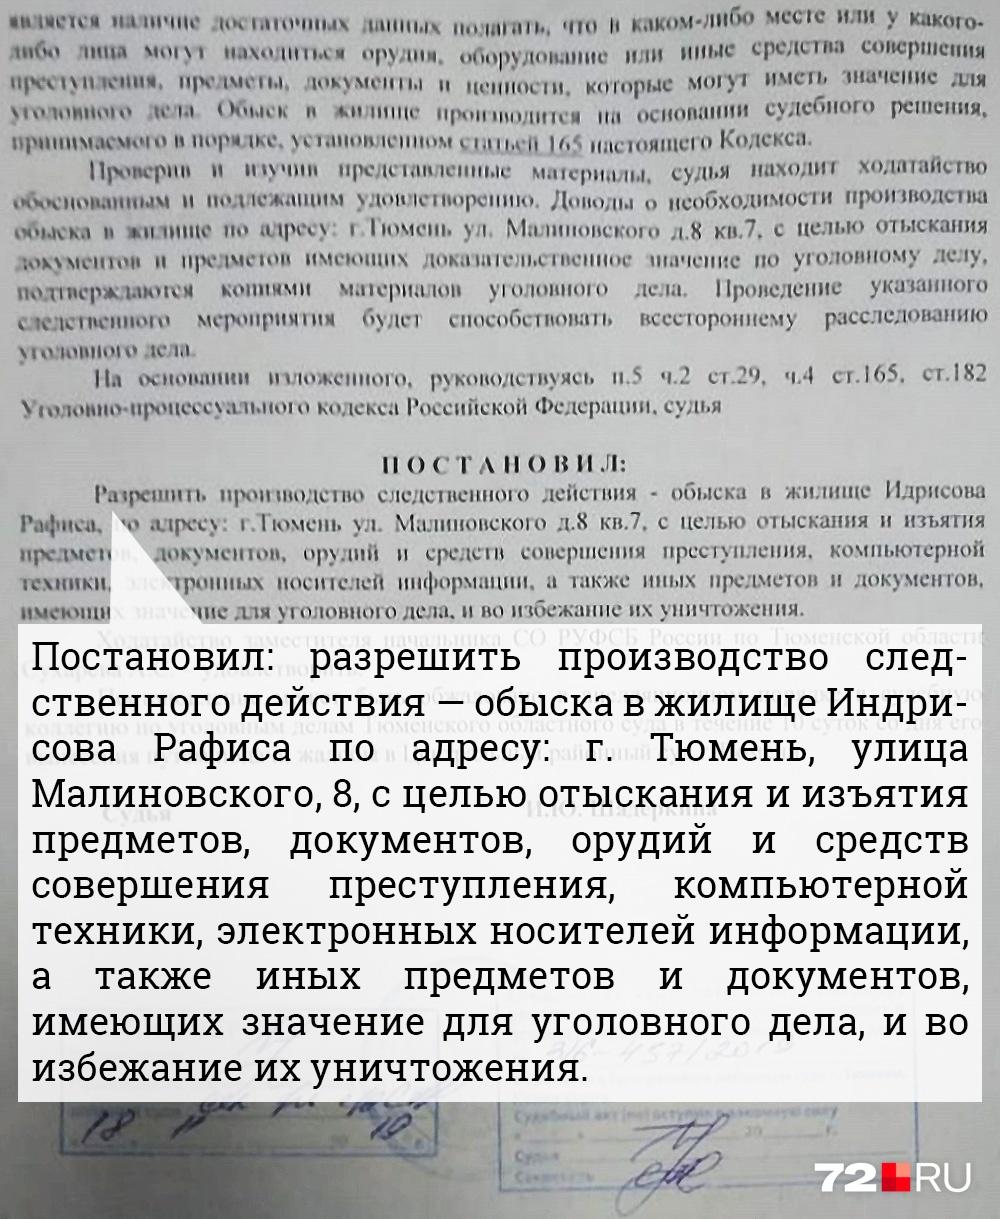 Документ уже распространяется в Сети